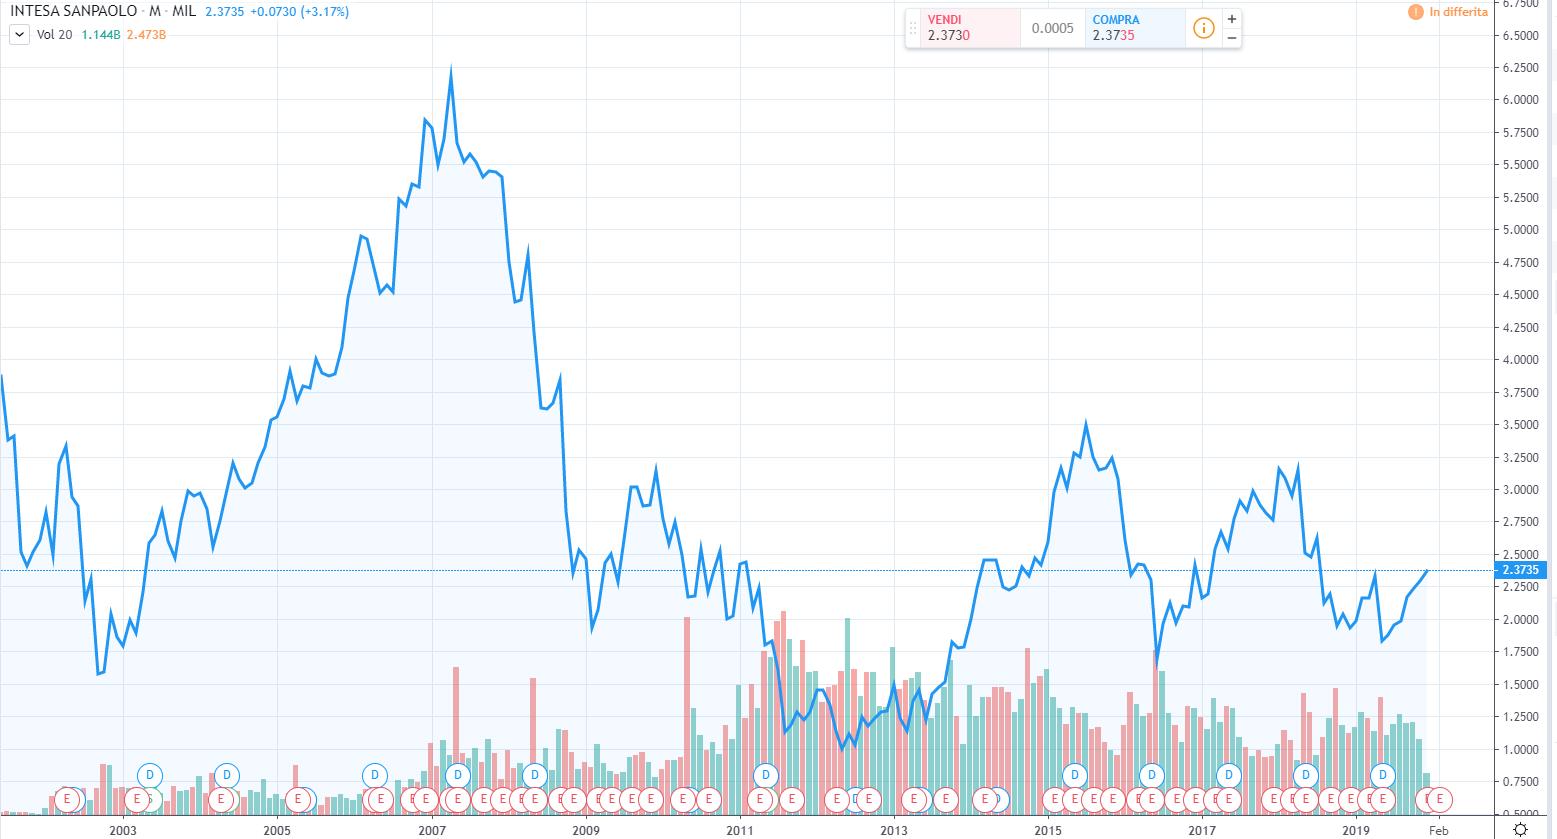 Grafico 1, valore delle azioni Intesa SanPaolo (2007-2012)